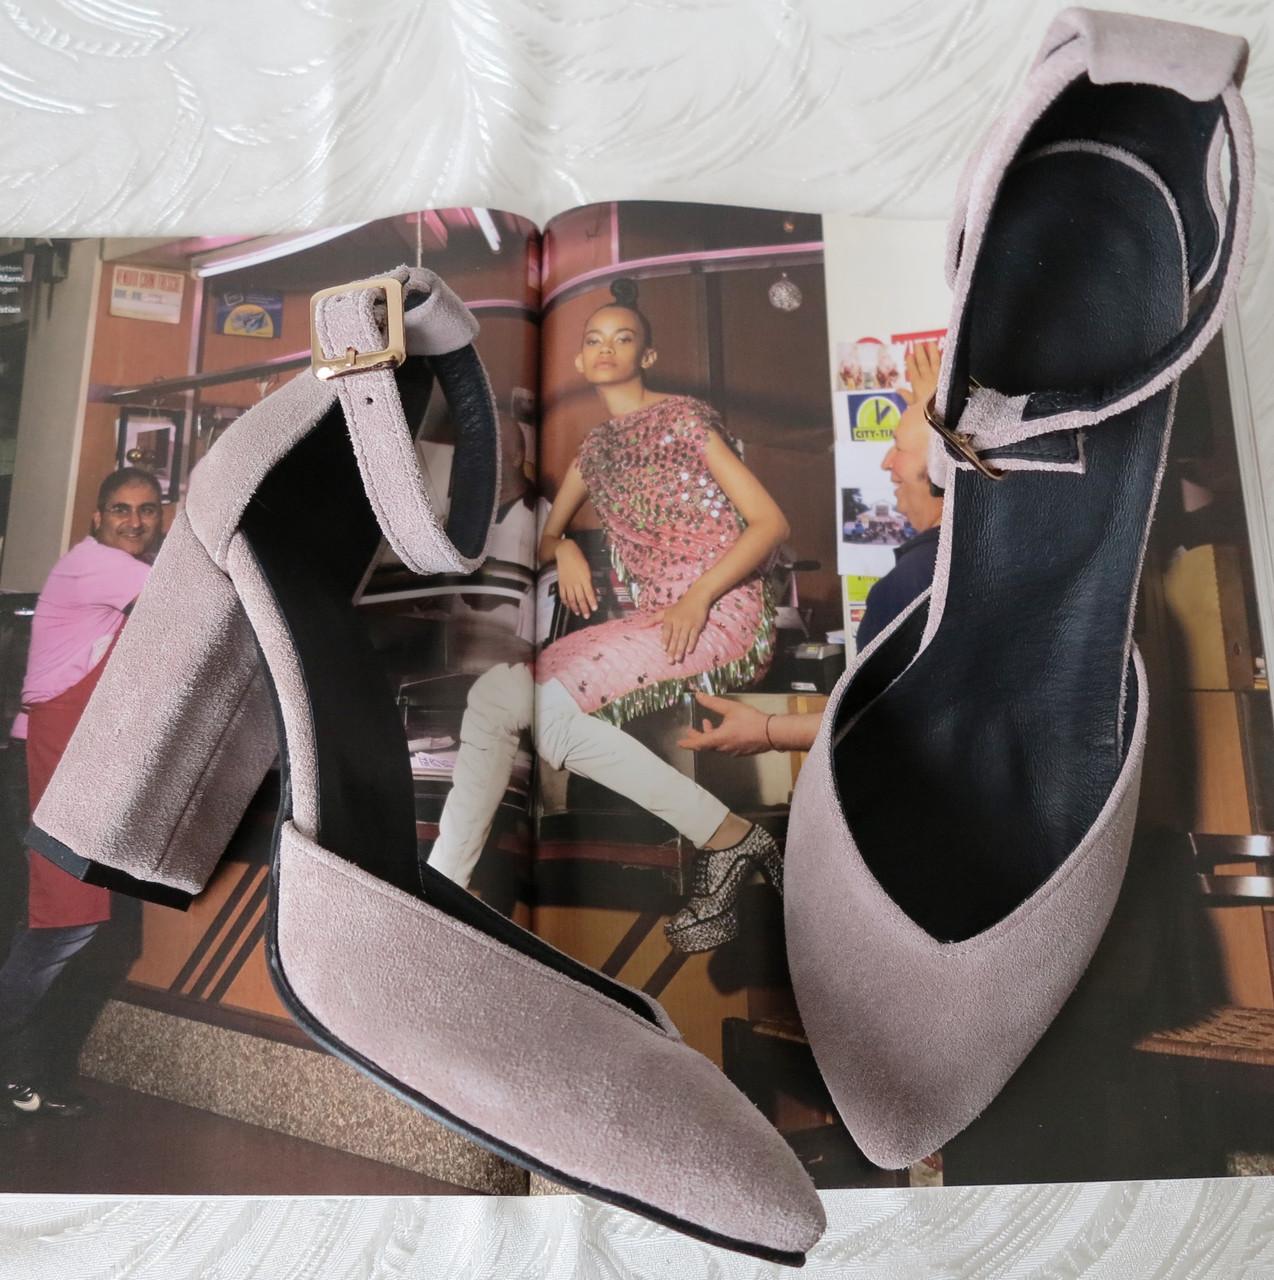 39 р. Туфли женские бежевые замшевые на каблуке с ремешком, из натуральной замши, натуральная замша